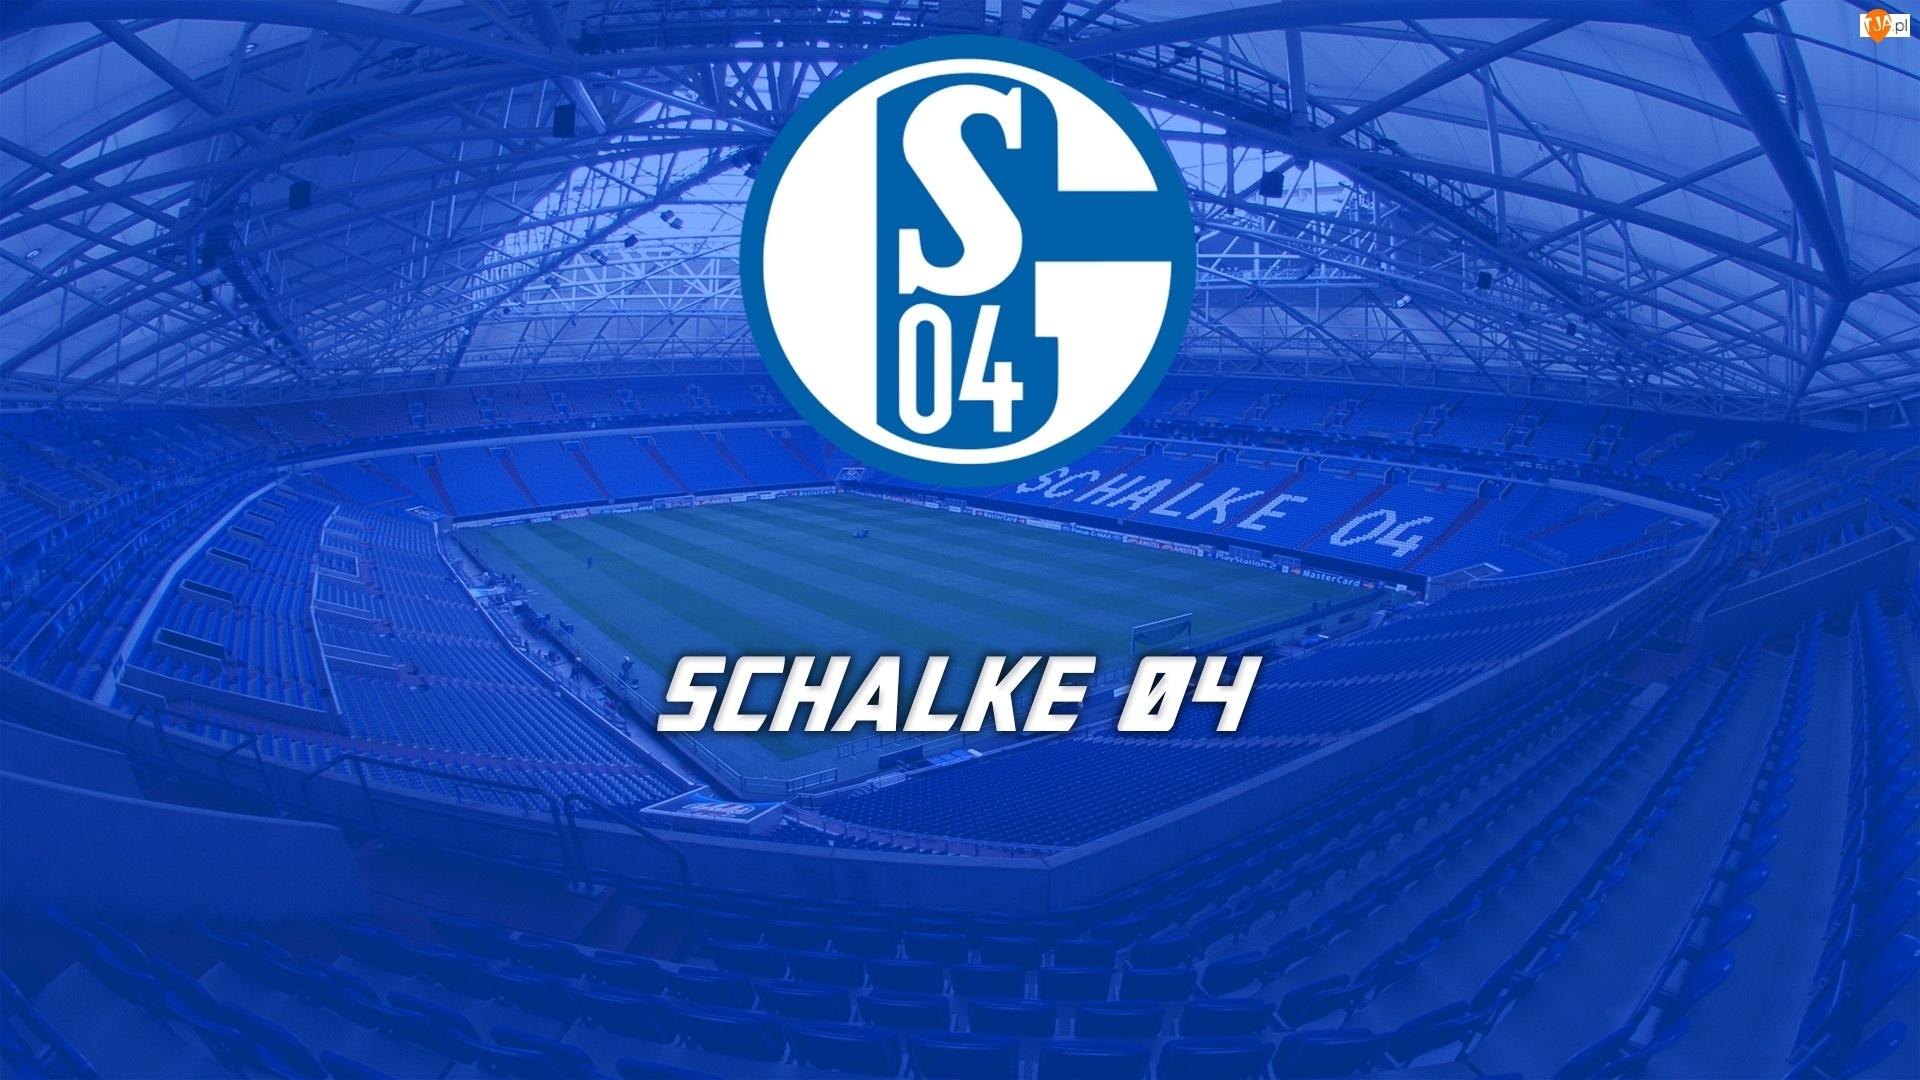 Nożna, Schalke, Piłka